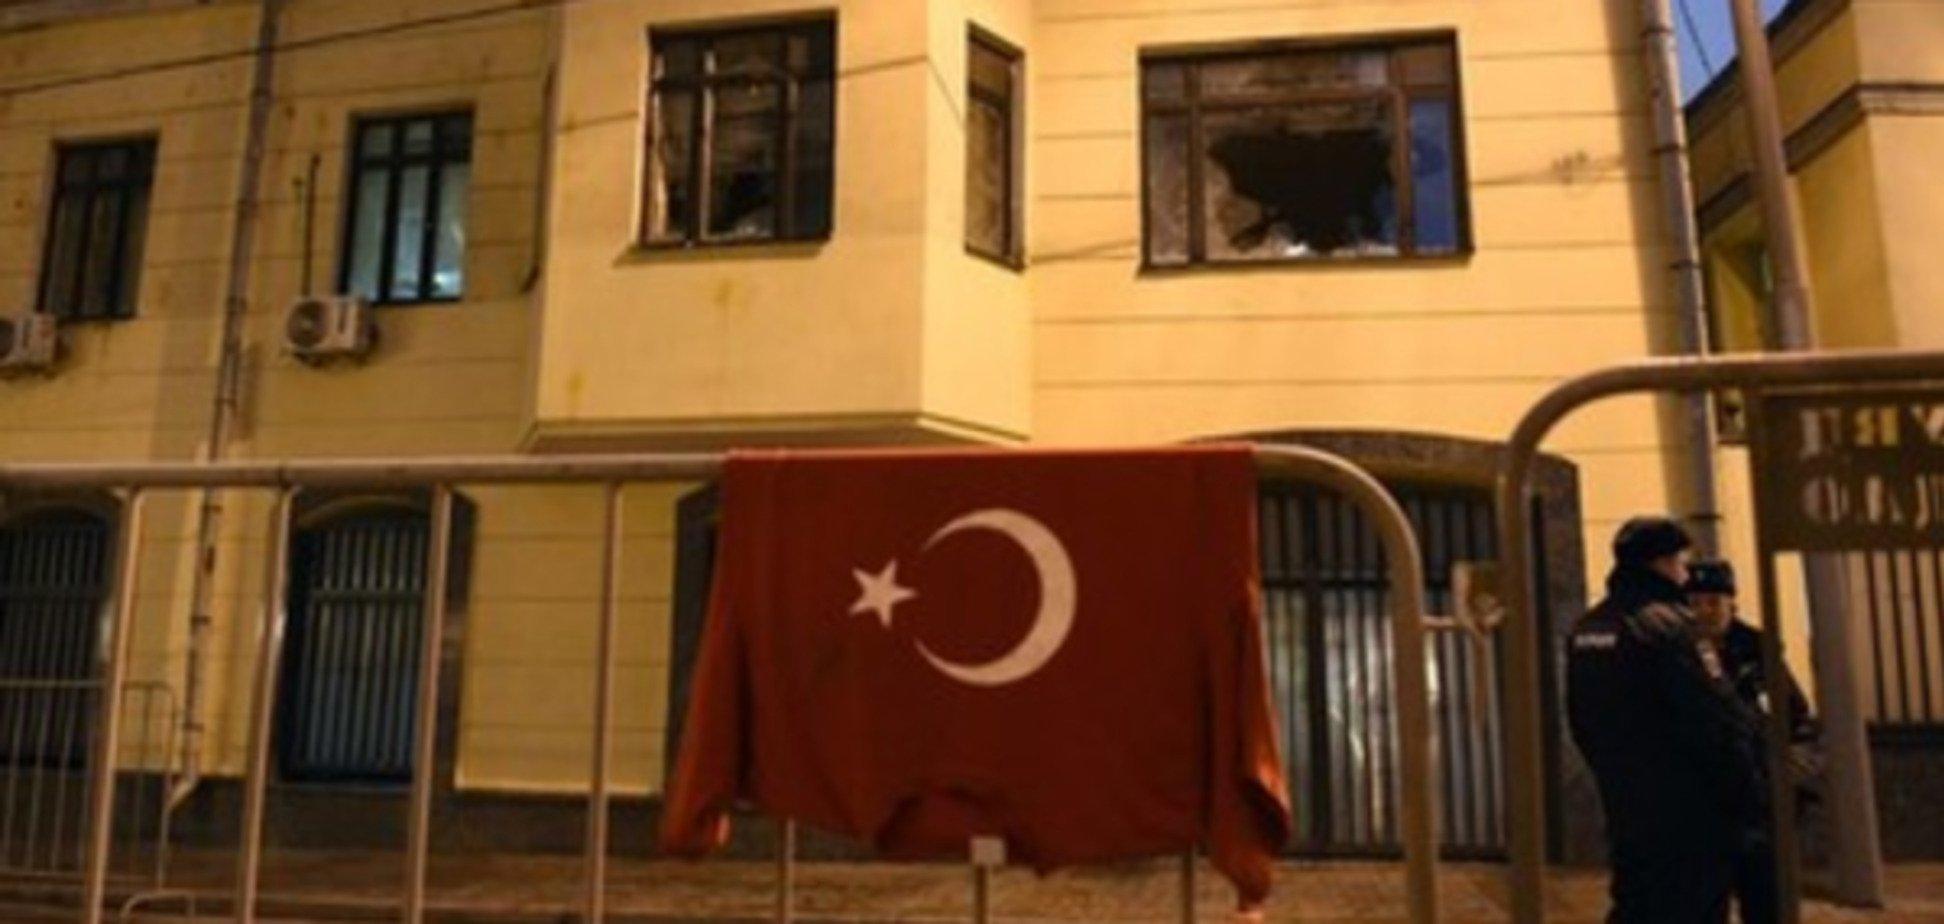 'Нехай турки, падла, мучаться': Орех розповів, як Кремль розпалює ненависть до Туреччини